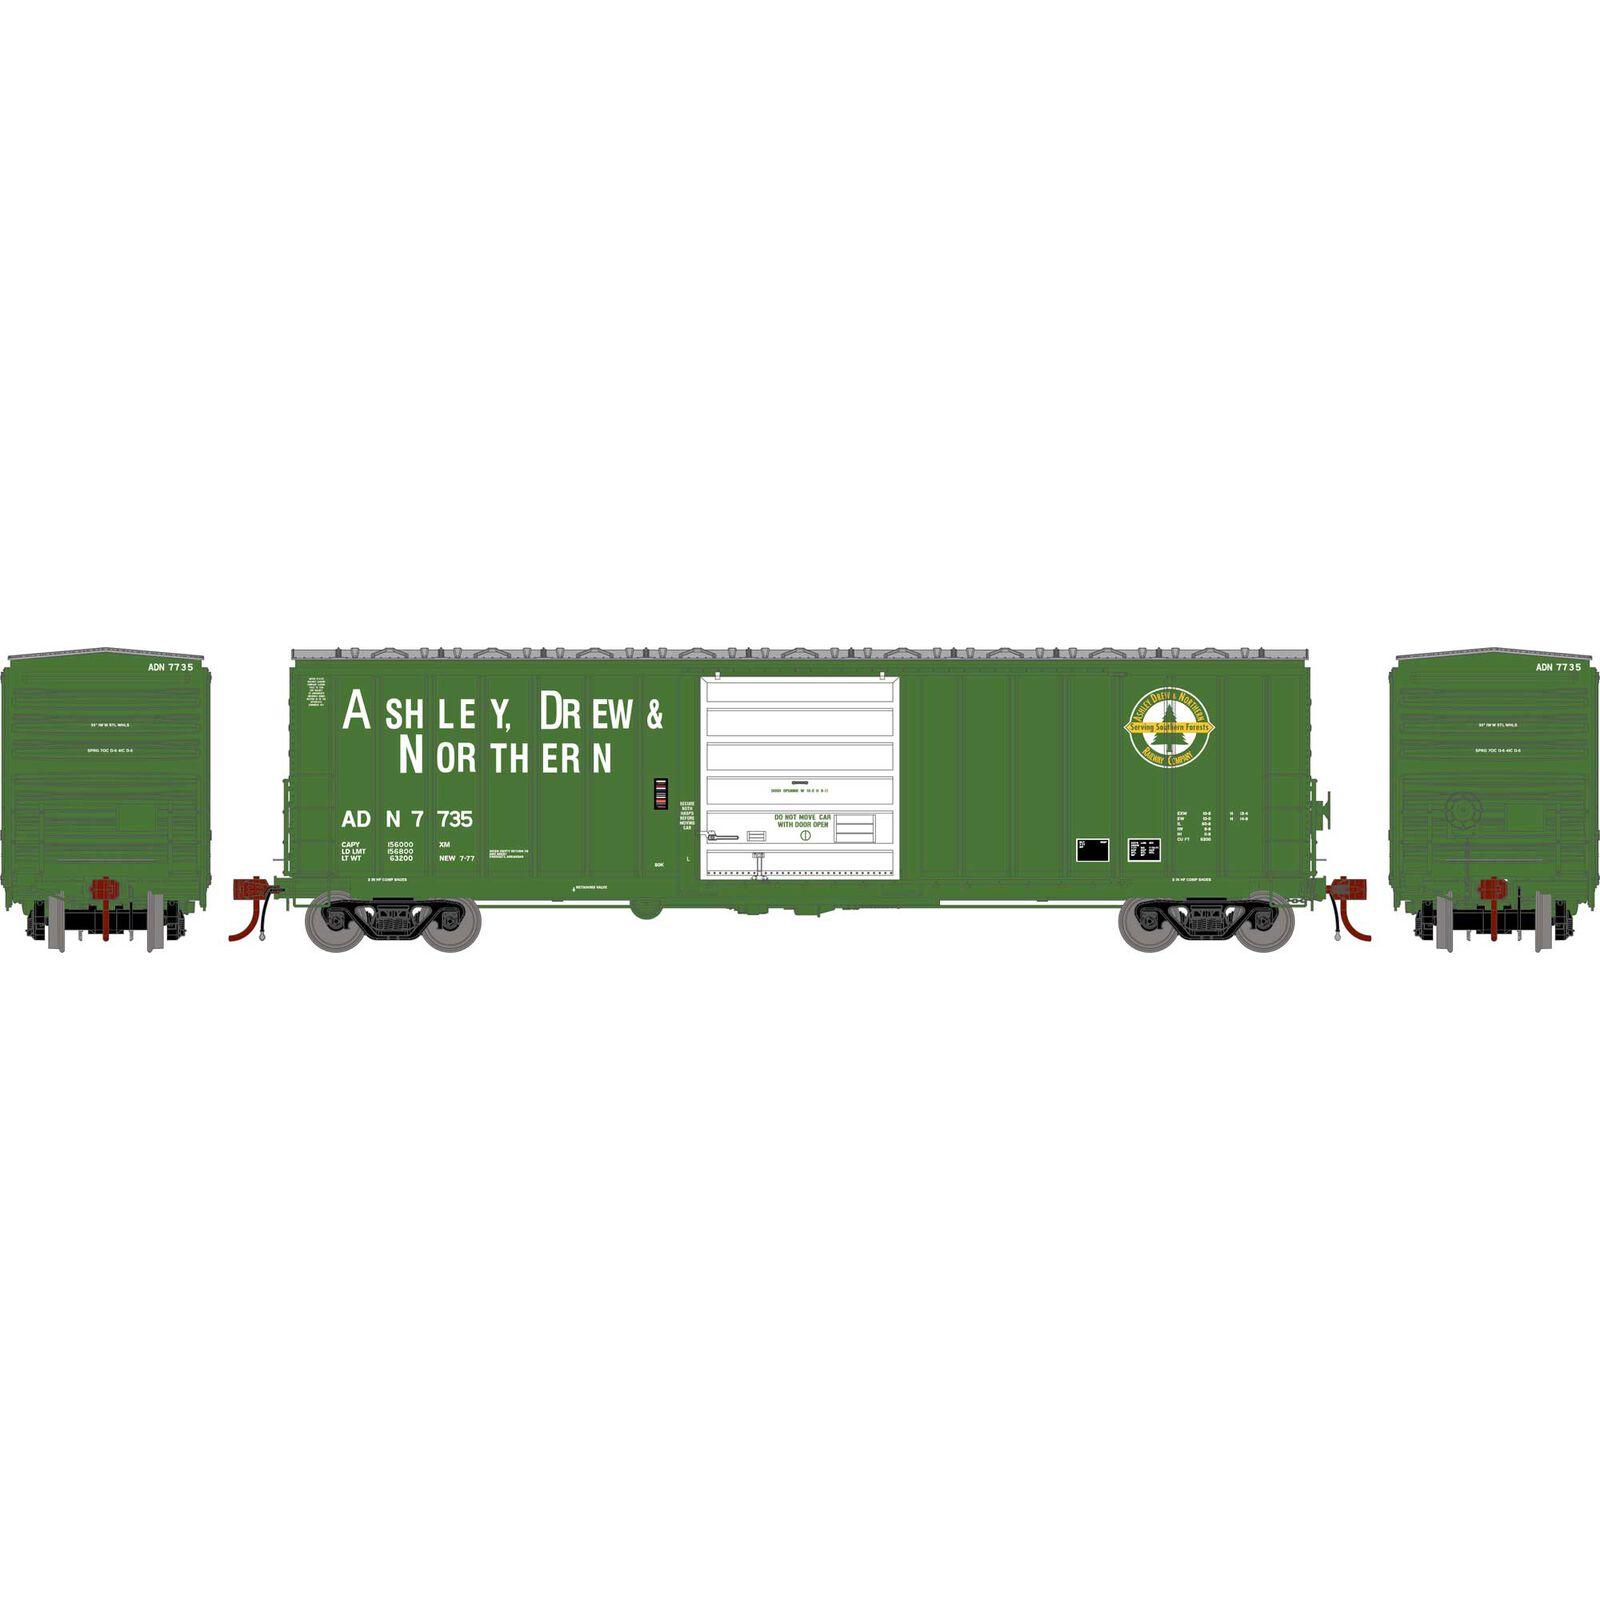 HO 50' SIECO Box, AD&N #7735